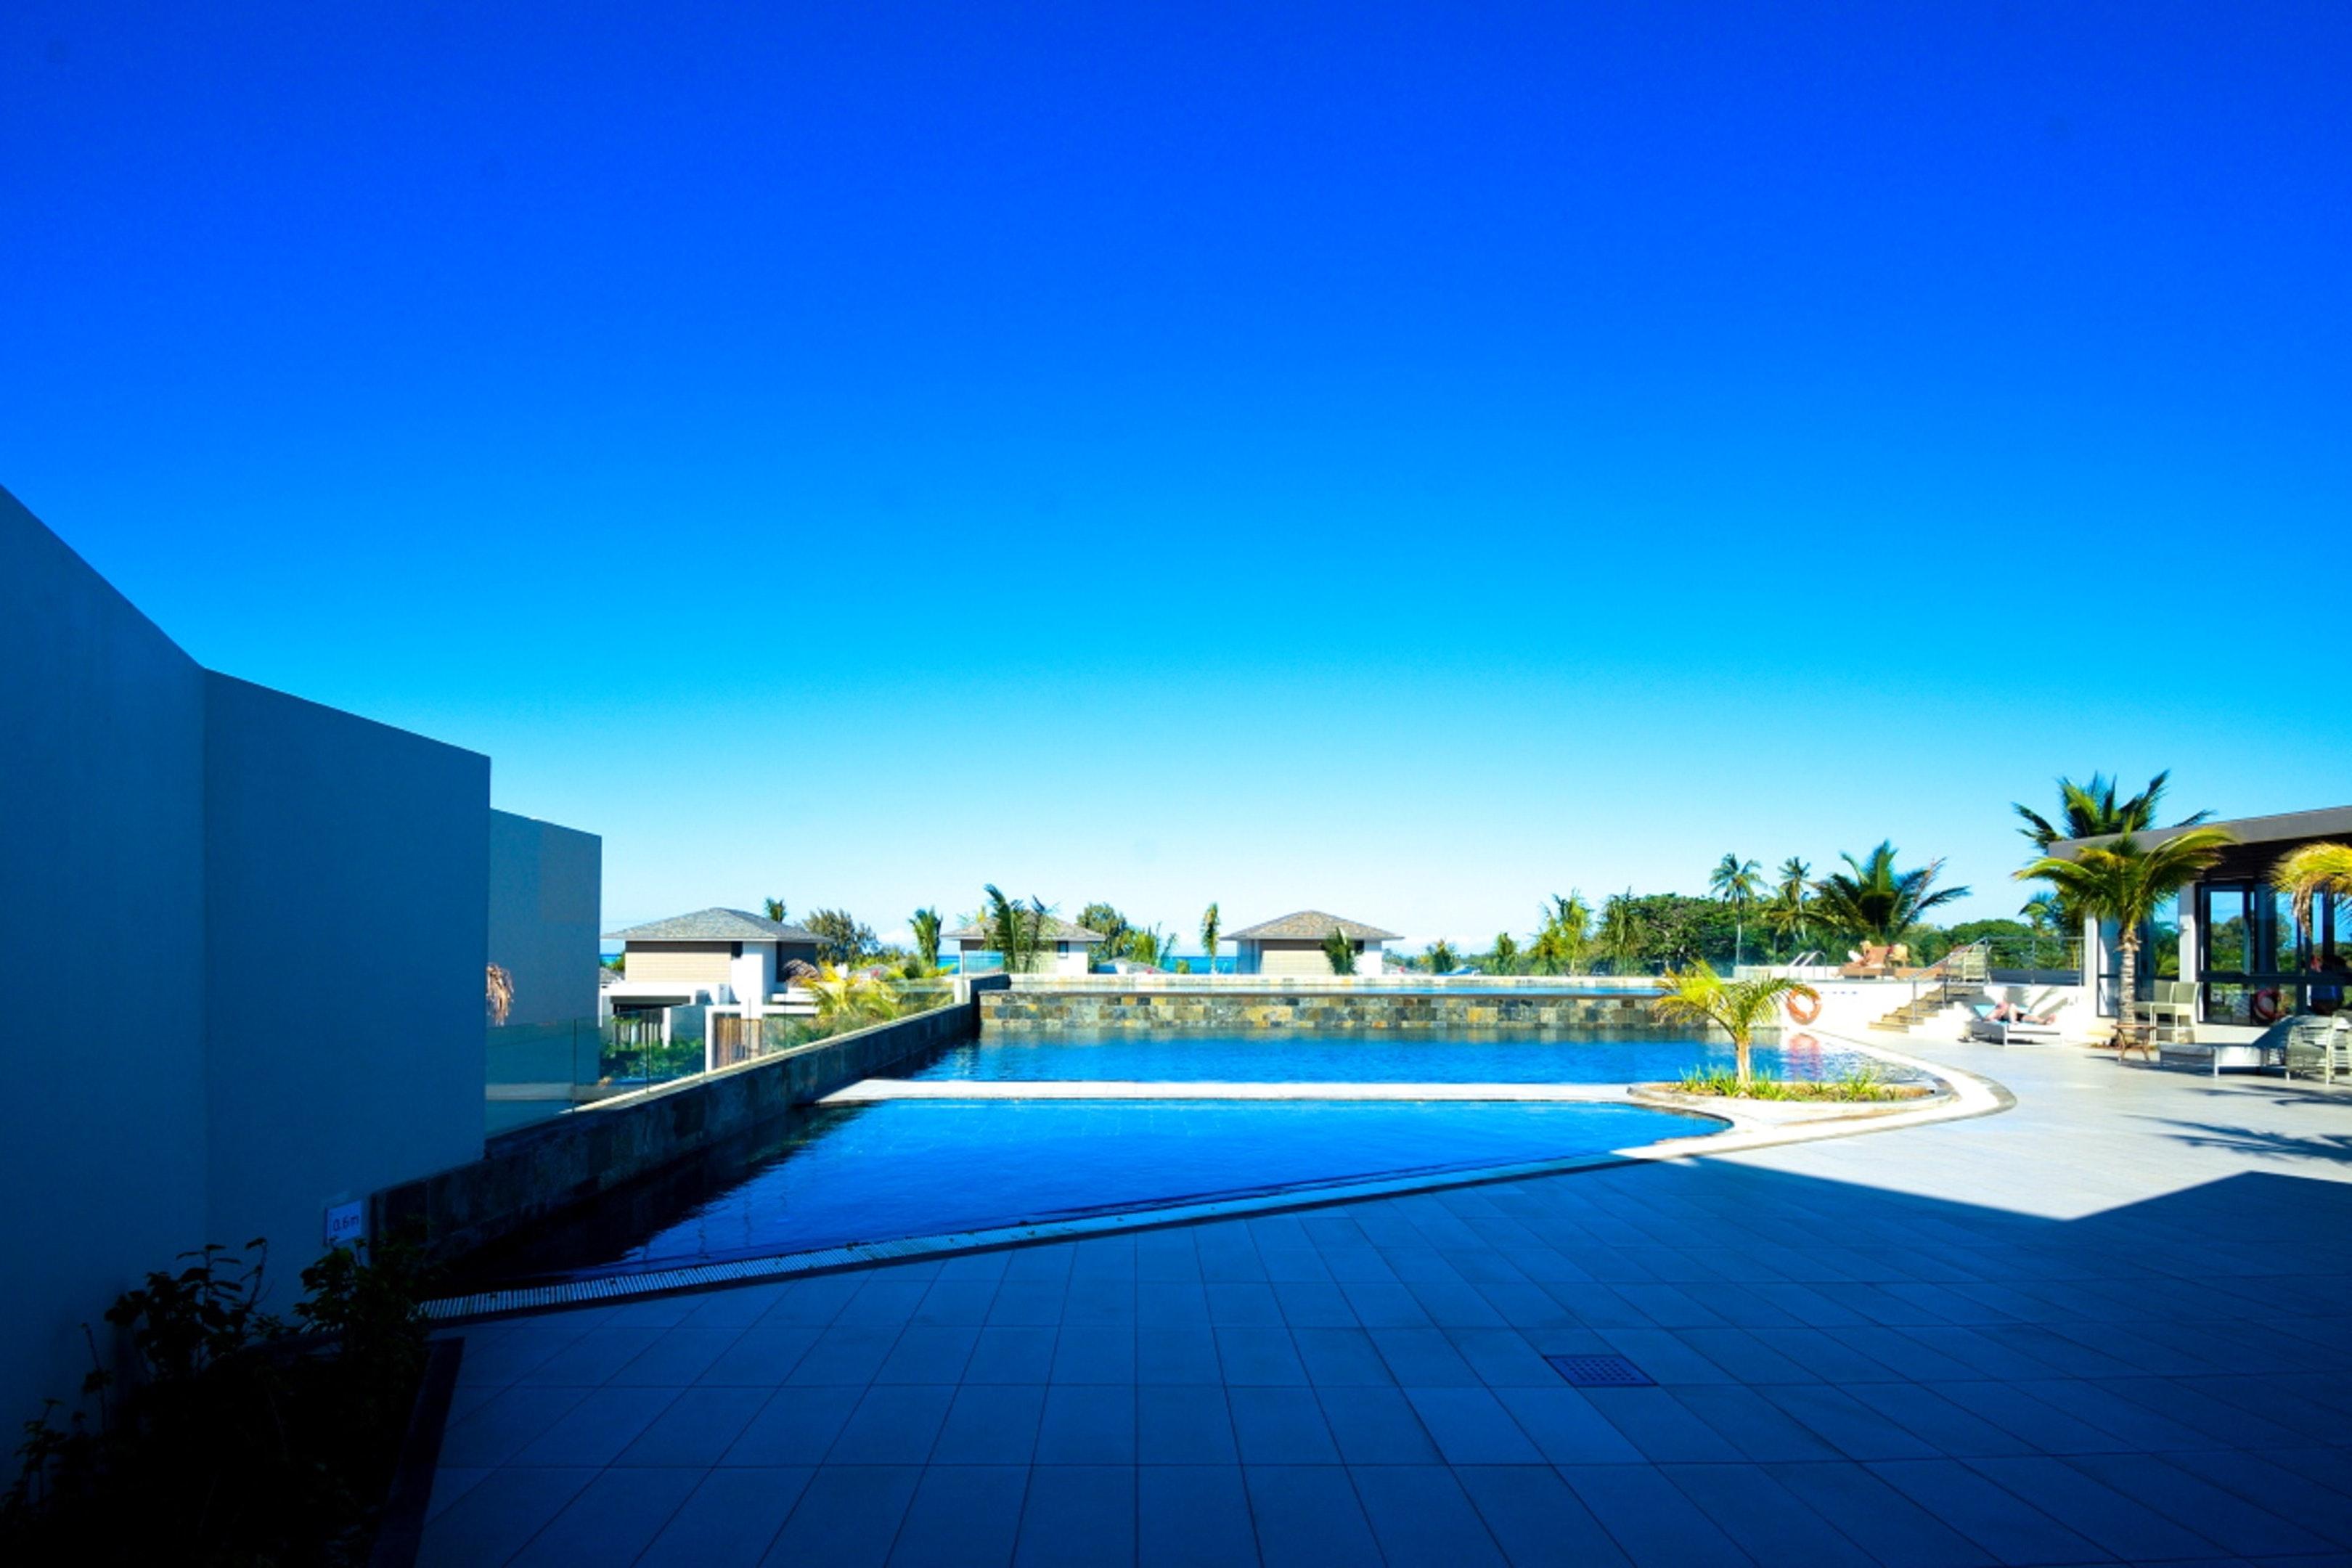 Wohnung mit 3 Schlafzimmern in Roches Noires mit h Ferienwohnung auf Mauritius